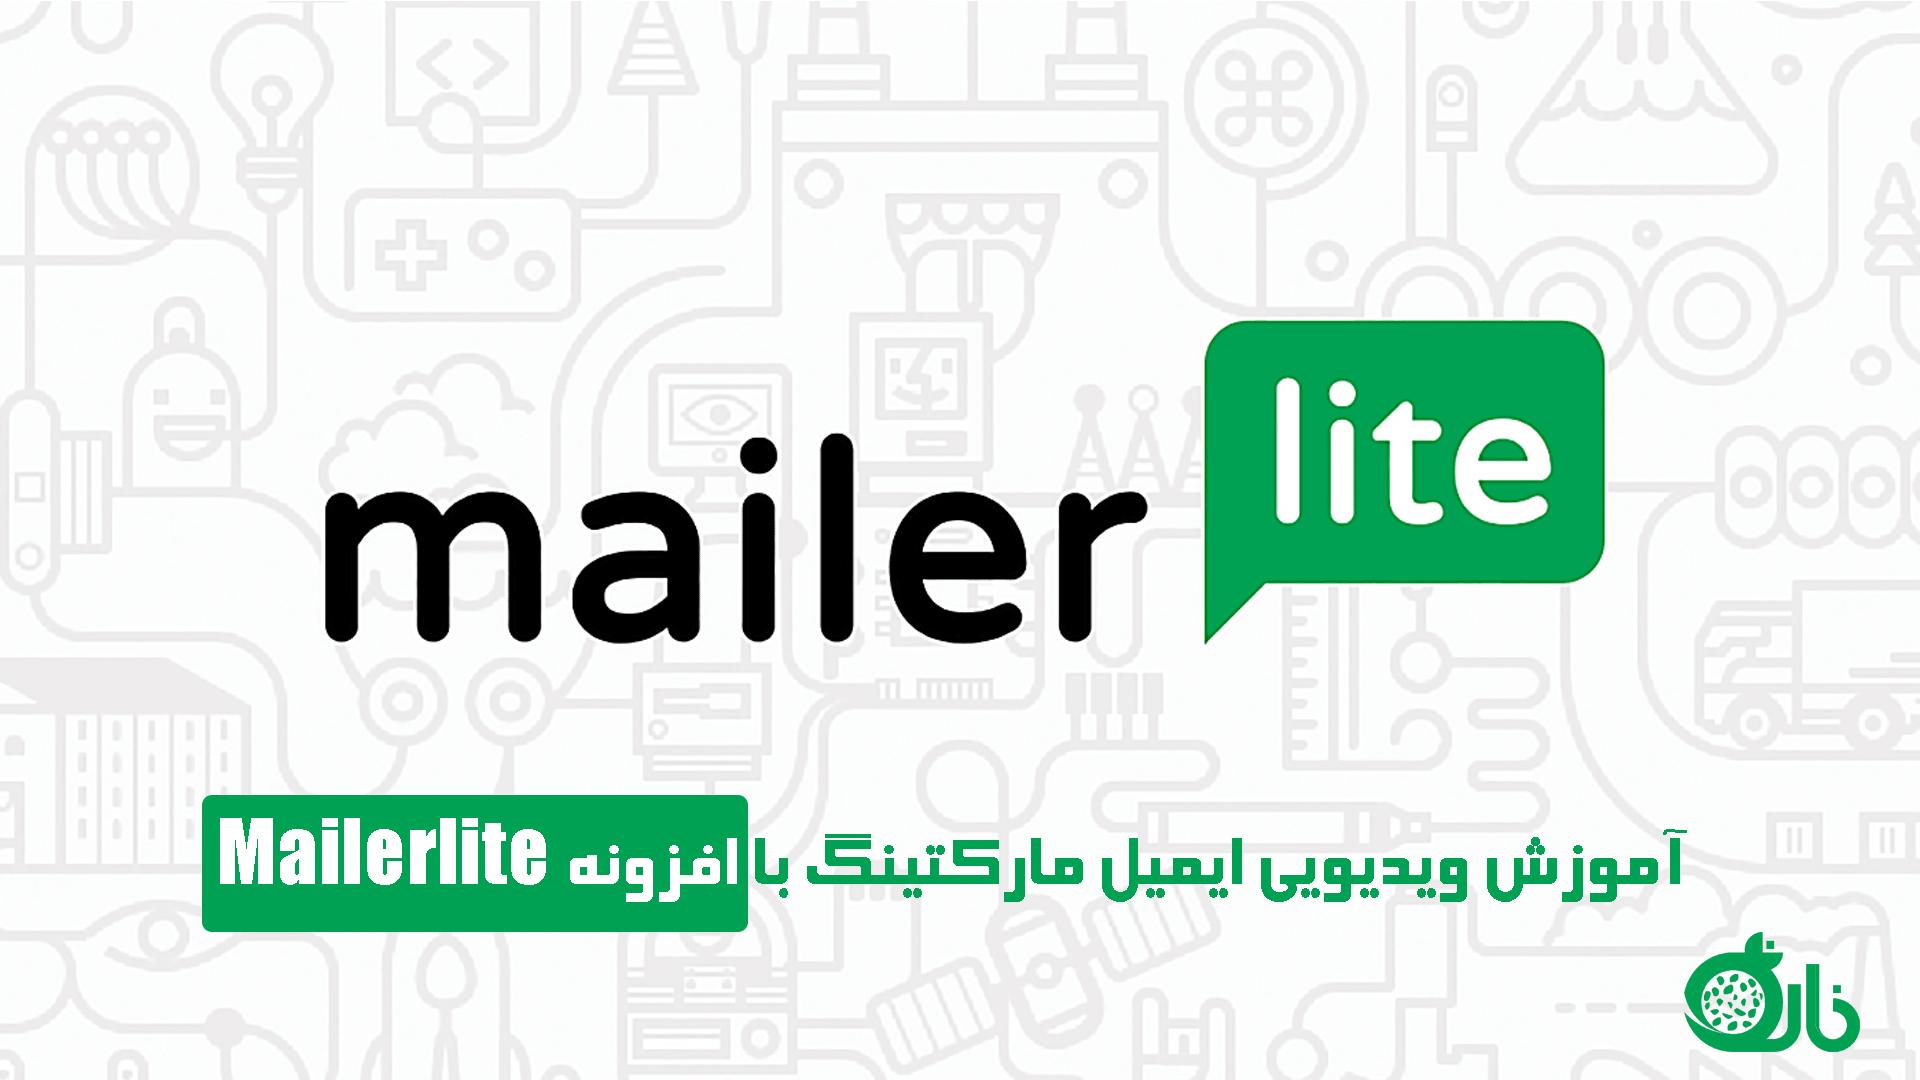 آموزش افزونه میلرلایت mailerlite